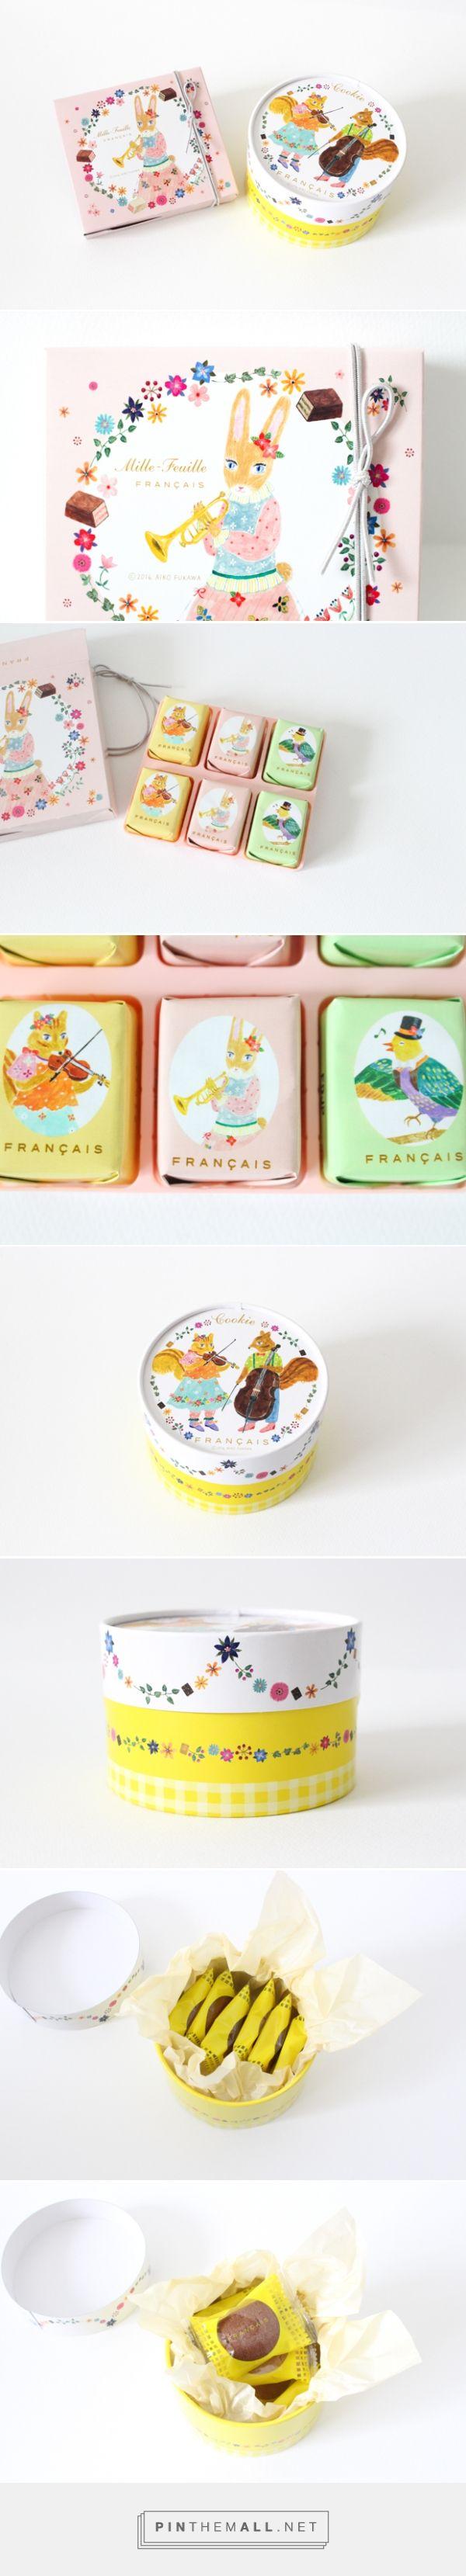 布川愛子さんが描くイラストがかわいい*横濱フランセのホワイトデー限定パッケージ